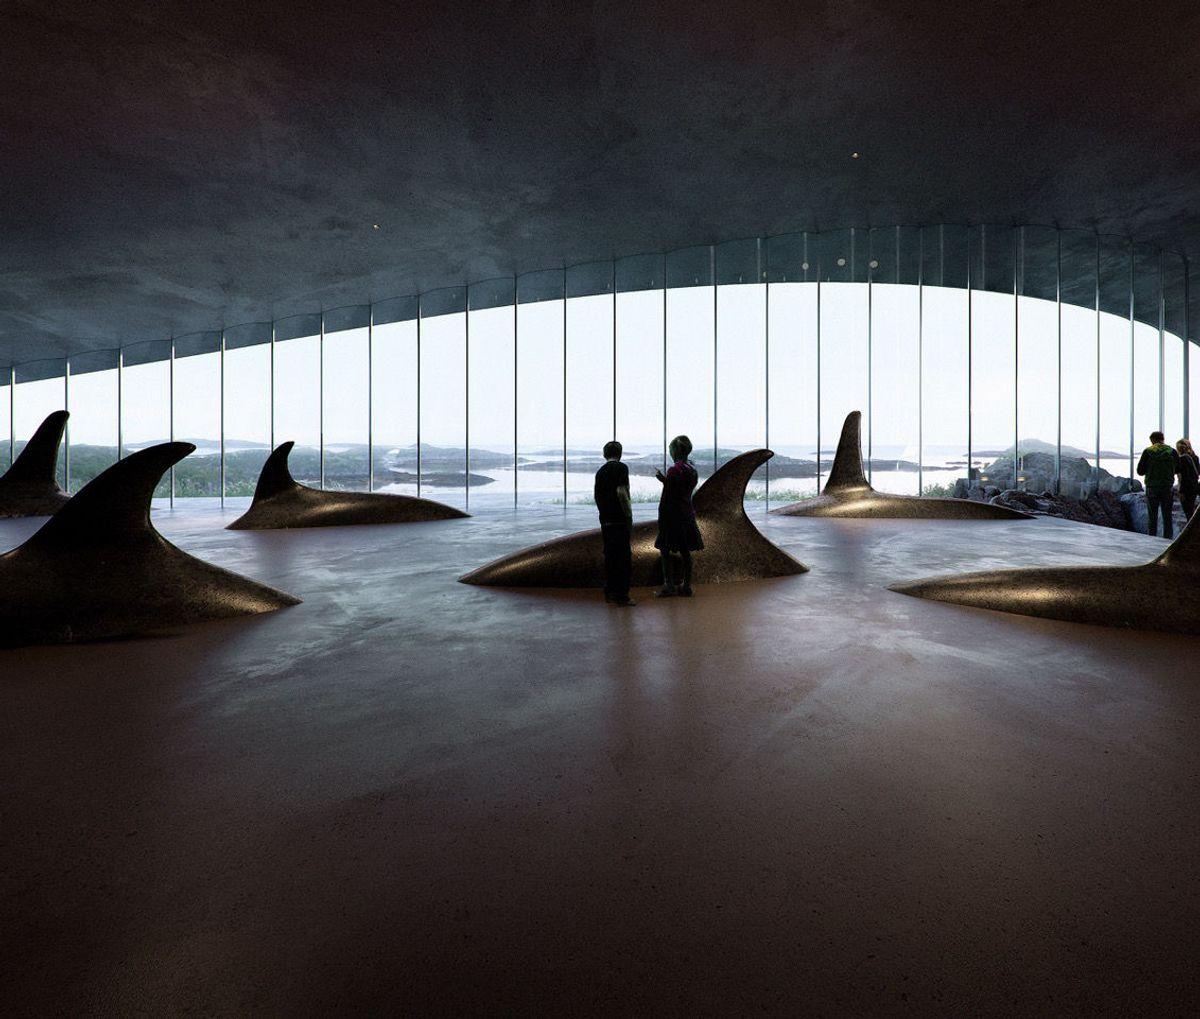 En spekkhoggerfamilie bryter havoverflaten i denne utstillingen. llustrasjon: MIR, Bergen.